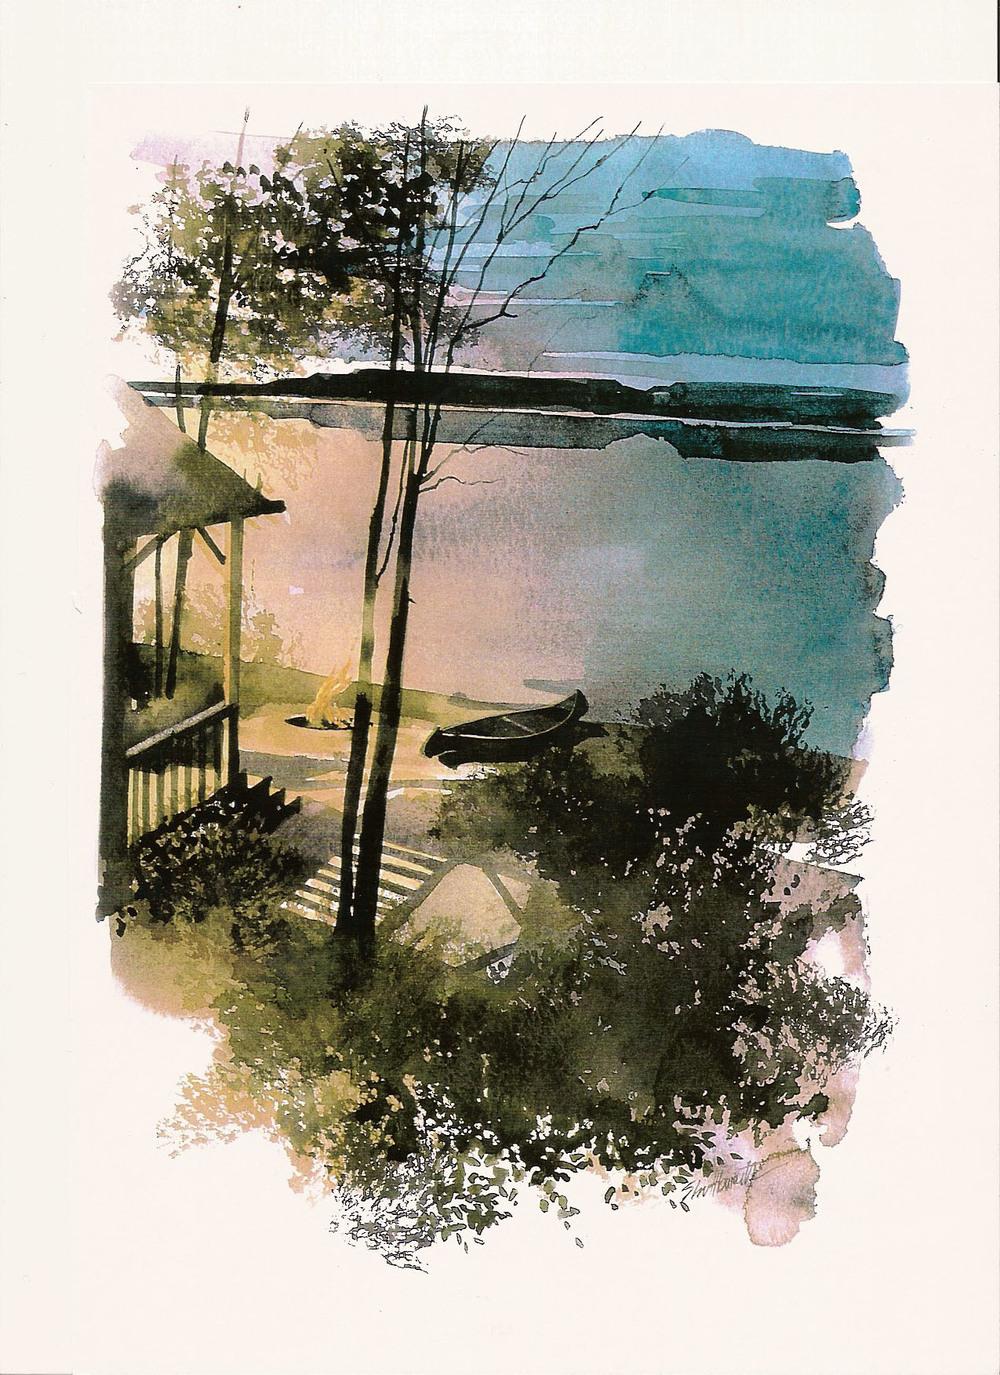 reclaimed landscape-4352651574.jpg